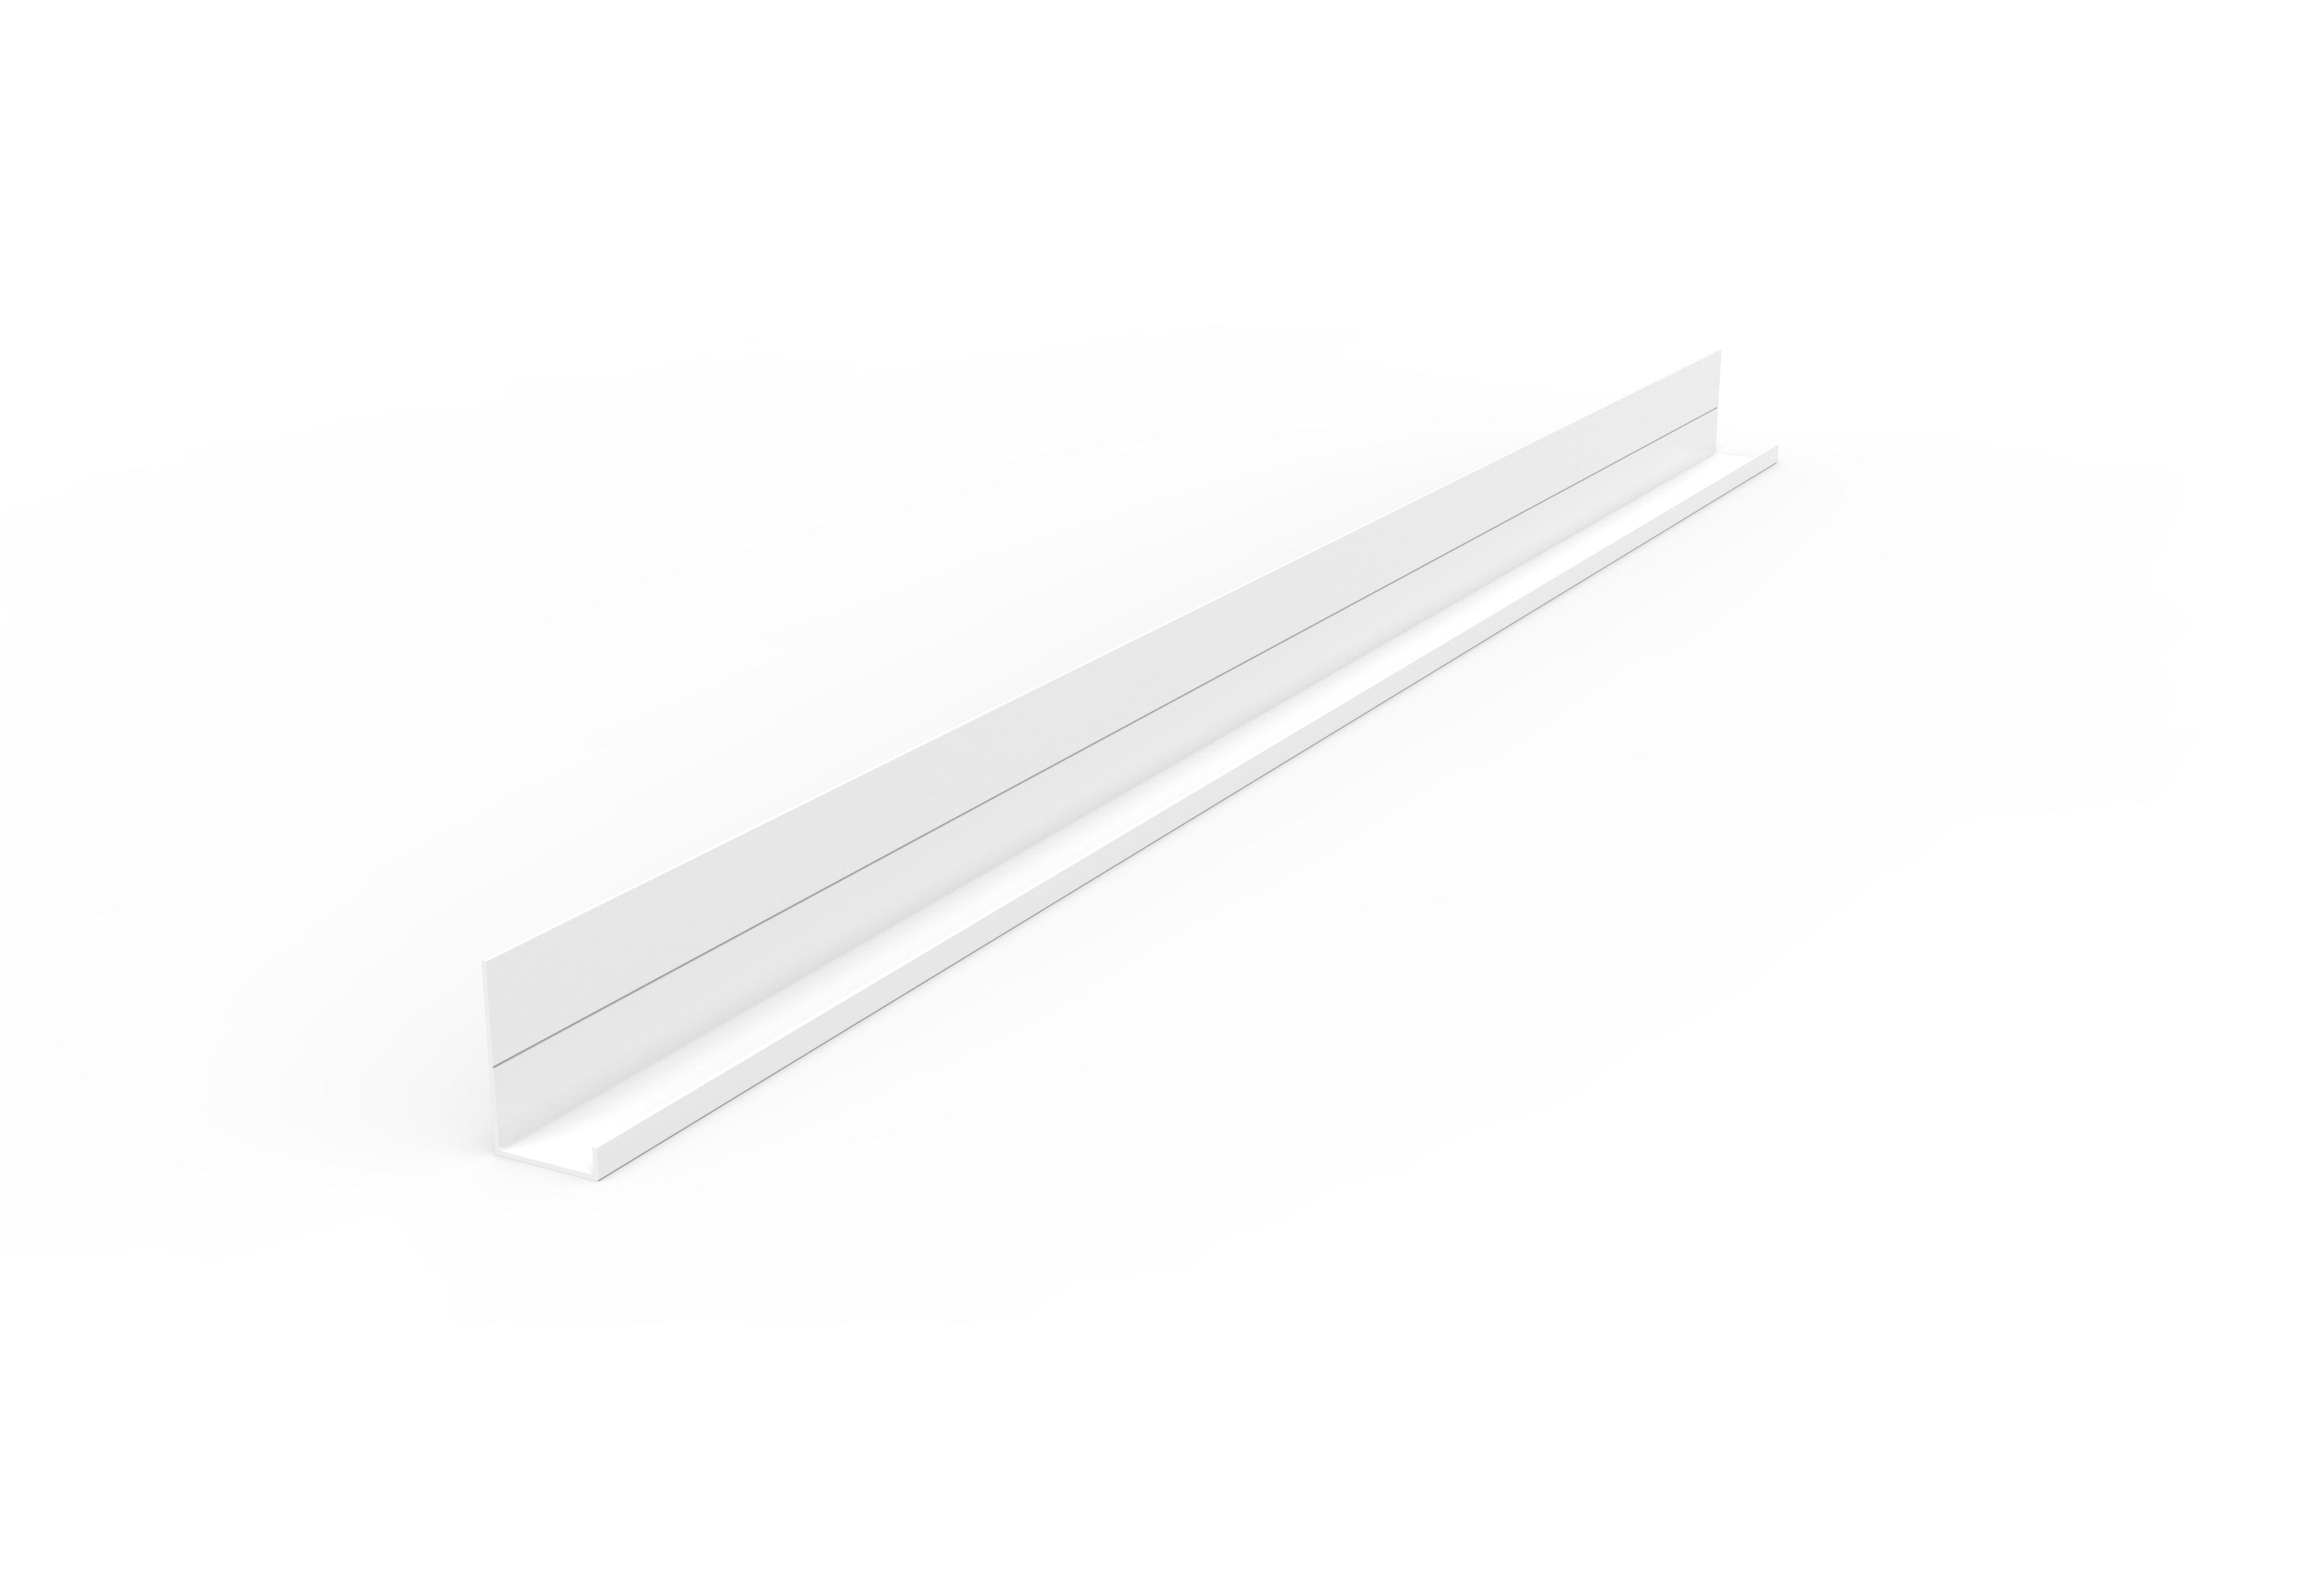 集成吊顶边角线WBK-18×29无边框边角-纤柔米白效果图